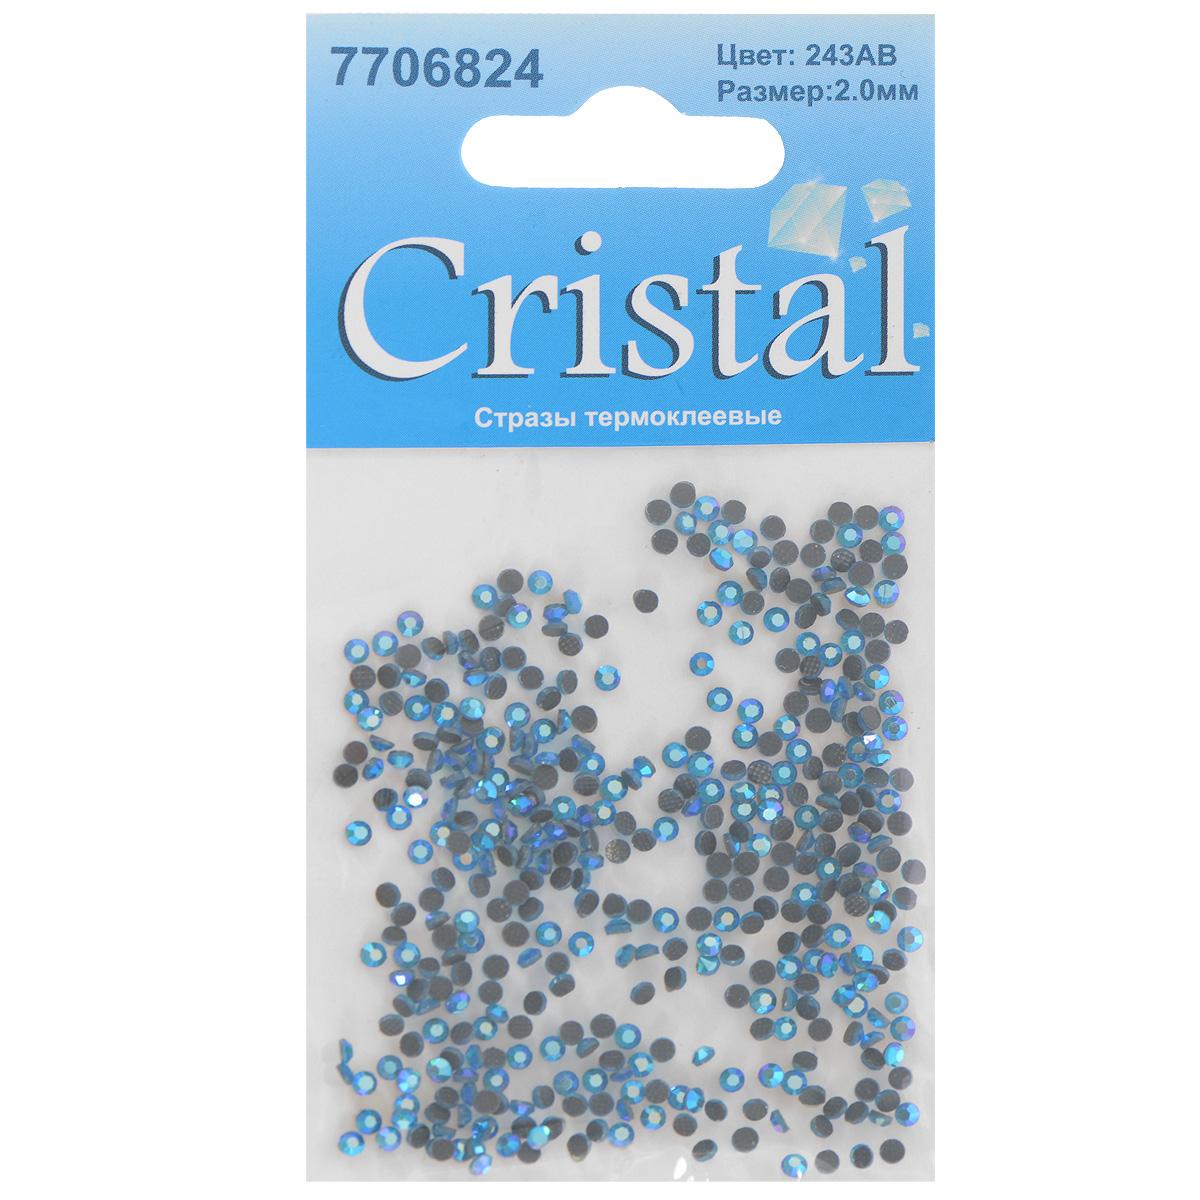 Стразы термоклеевые Cristal, цвет: светло-синий (243АВ), диаметр 2 мм, 432 штIRK-503Набор термоклеевых страз Cristal, изготовленный из высококачественного акрила, позволит вам украсить одежду, аксессуары или текстиль. Яркие стразы имеют плоское дно и круглую поверхность с гранями.Дно термоклеевых страз уже обработано особым клеем, который под воздействием высоких температур начинает плавиться, приклеиваясь, таким образом, к требуемой поверхности. Чаще всего их используют в текстильной промышленности: стразы прикладывают к ткани и проглаживают утюгом с обратной стороны. Также можно использовать специальный паяльник. Украшение стразами поможет сделать любую вещь оригинальной и неповторимой. Диаметр страз: 2 мм.